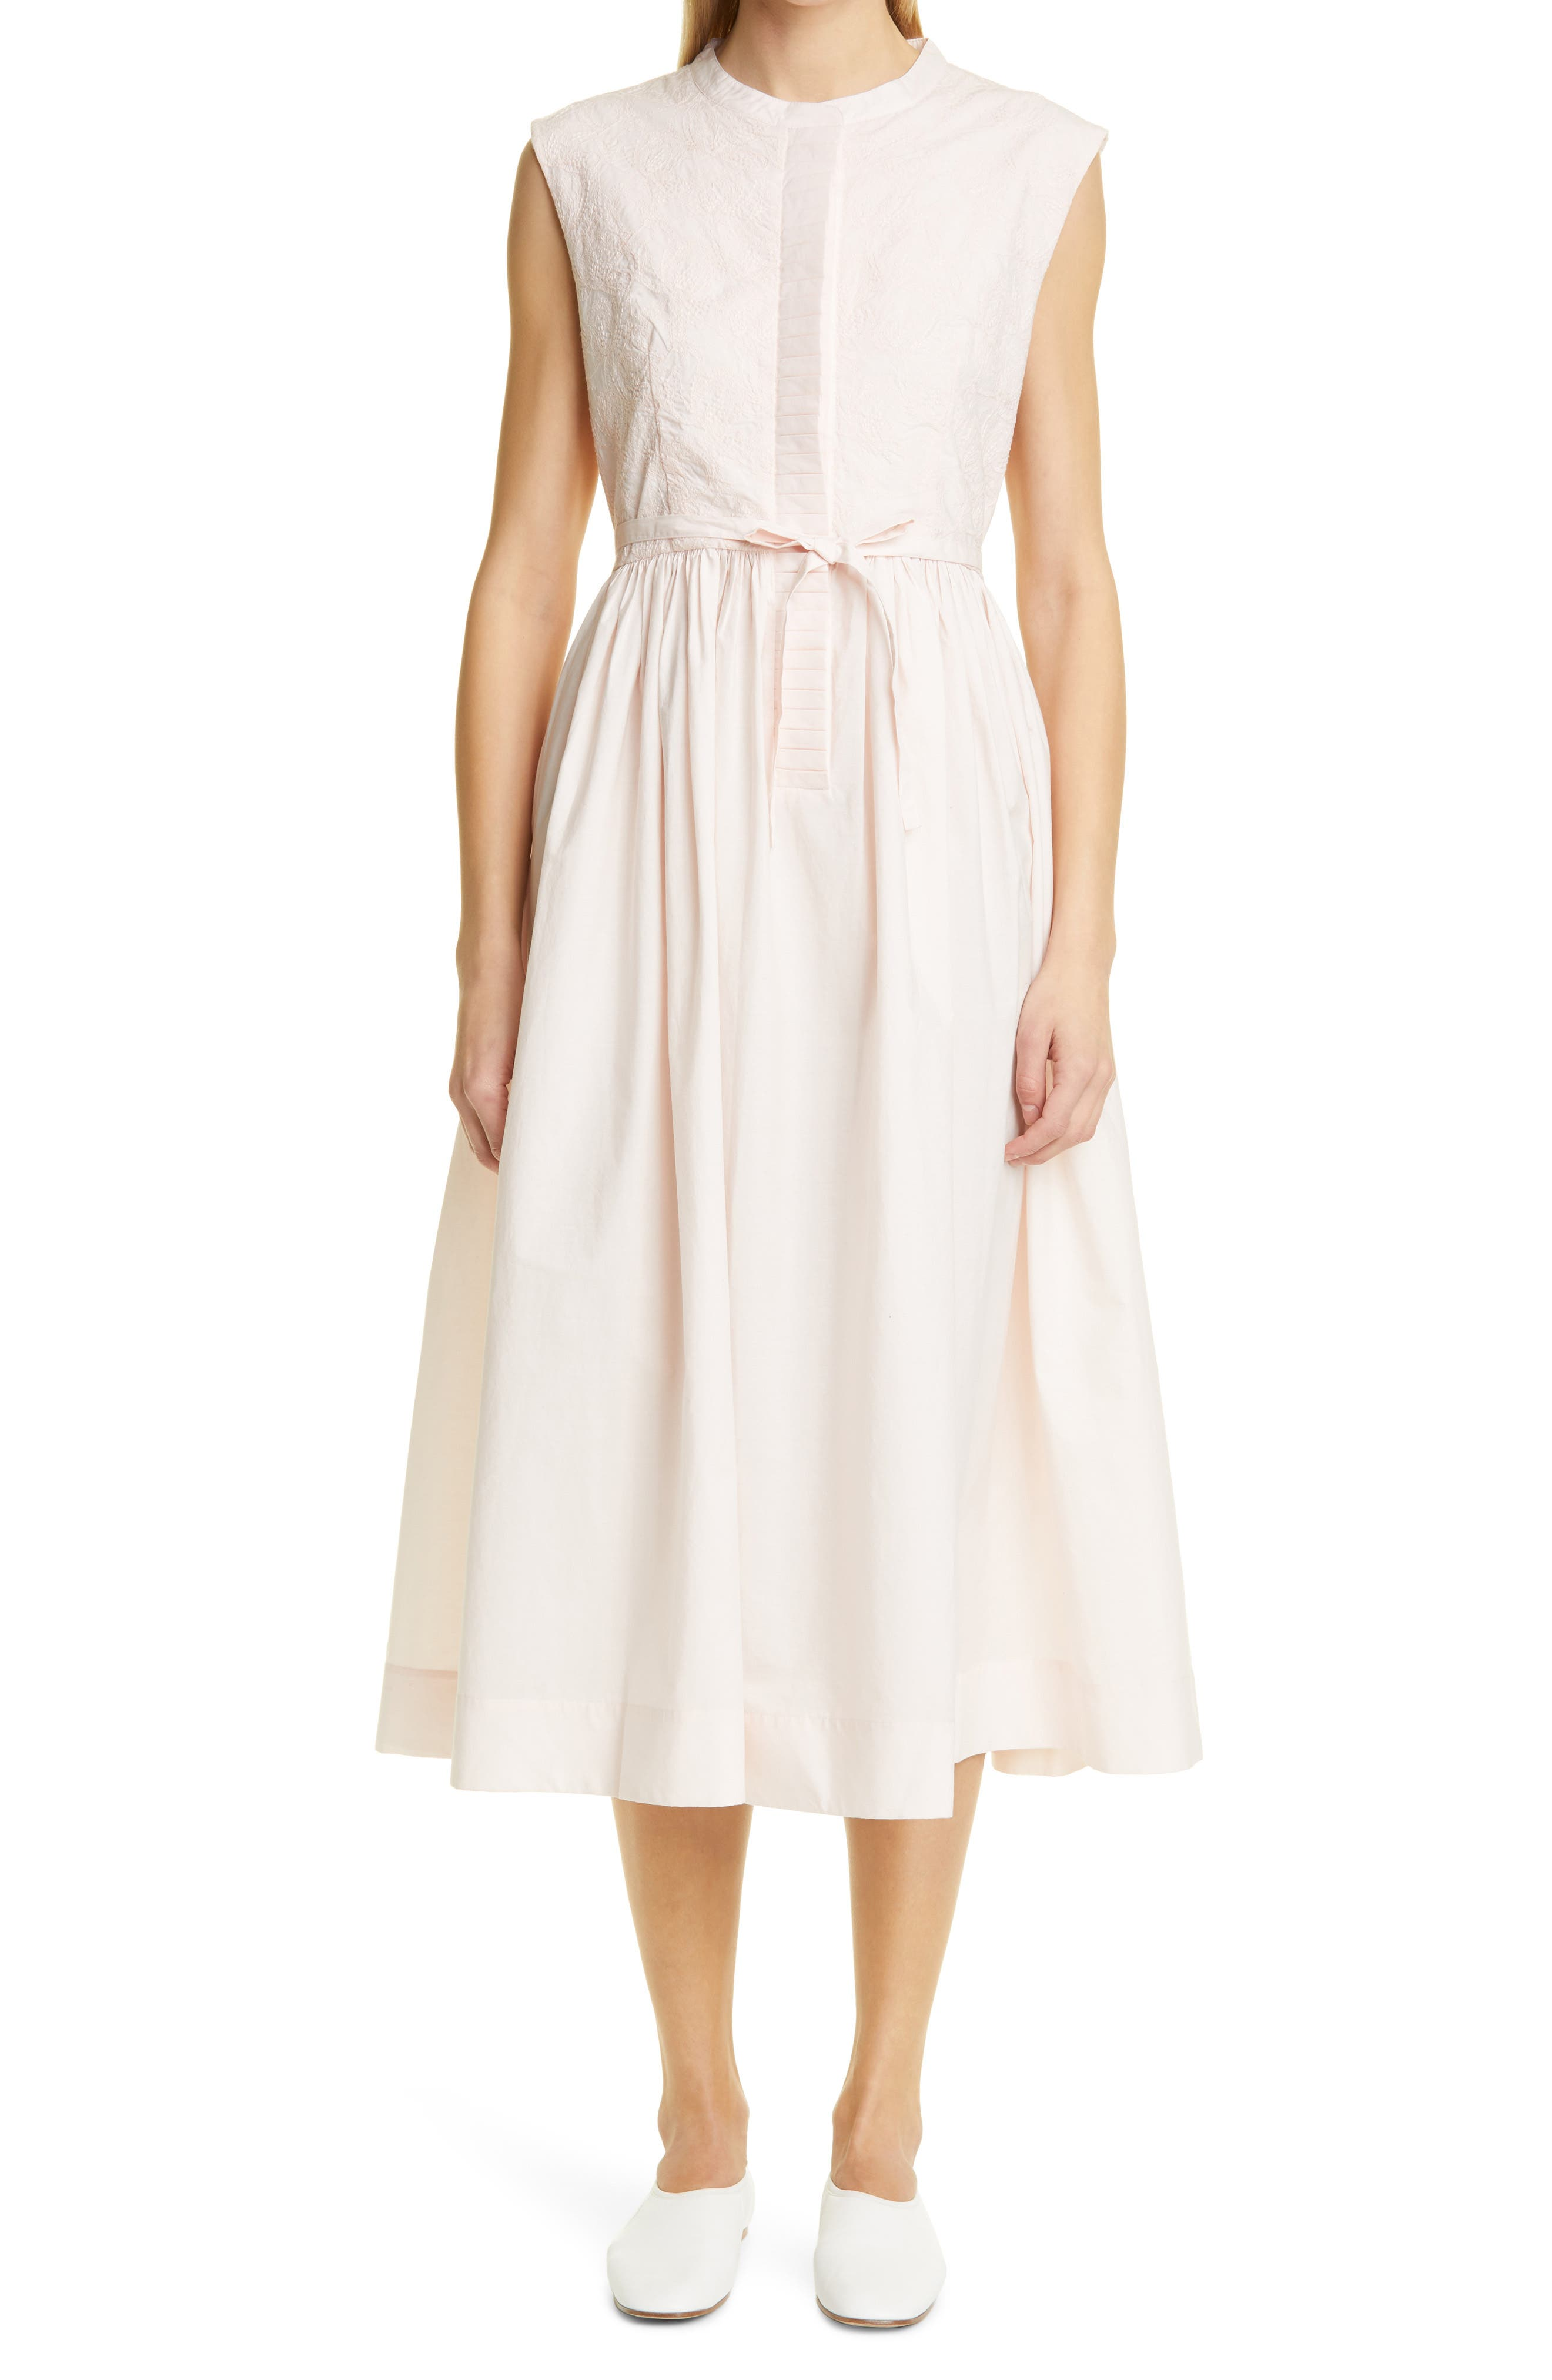 Maya Button Front Sleeveless Dress